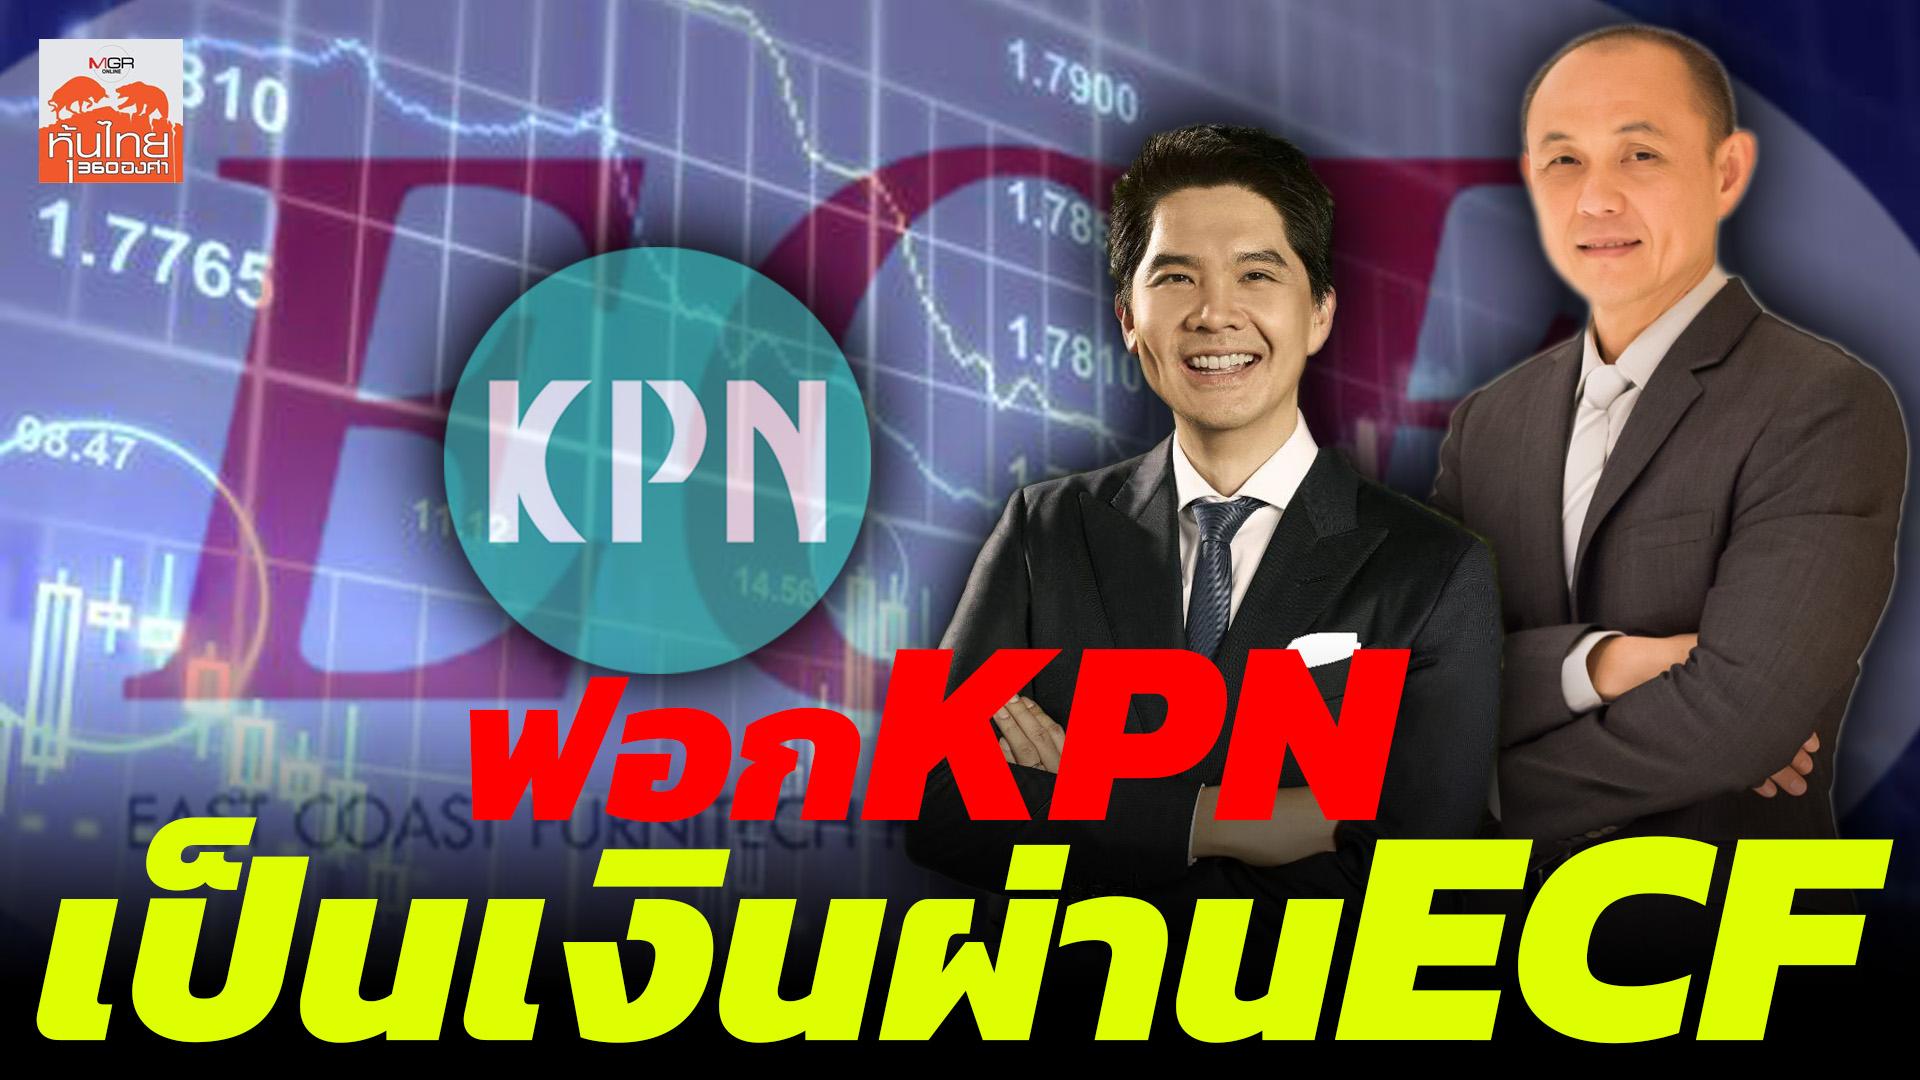 ฟอก KPN เป็นเงินผ่าน ECF (จบ) / สุนันท์ ศรีจันทรา